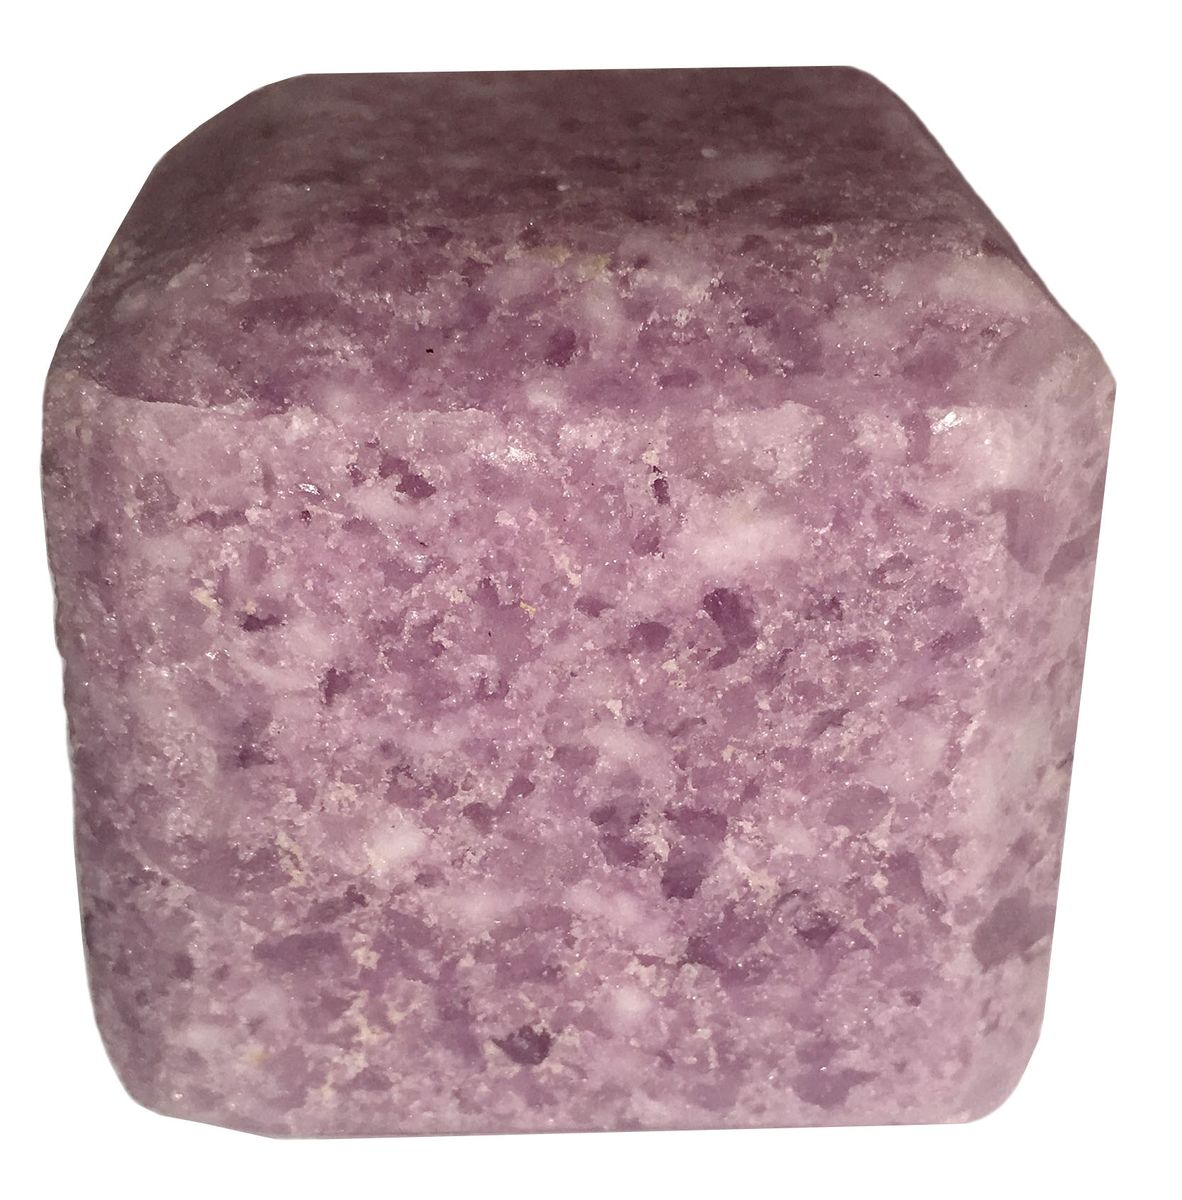 Соль для бани Proffi Sauna, с маслом лавандыPS0550Прессованный кубик из соли Proffi Sauna подходит для сауны и бани. Имеет приятный аромат лаванды. Заходя в бане / сауне в парилку, Вы ставите кубик из соли на камни и поливаете камень водой. В результате образуется облако соляного пара, а по всей парилке разносится приятный аромат.1 кубик рассчитан на 1 применение. Состав: чистая природная структурированная соль, эфирное масло.